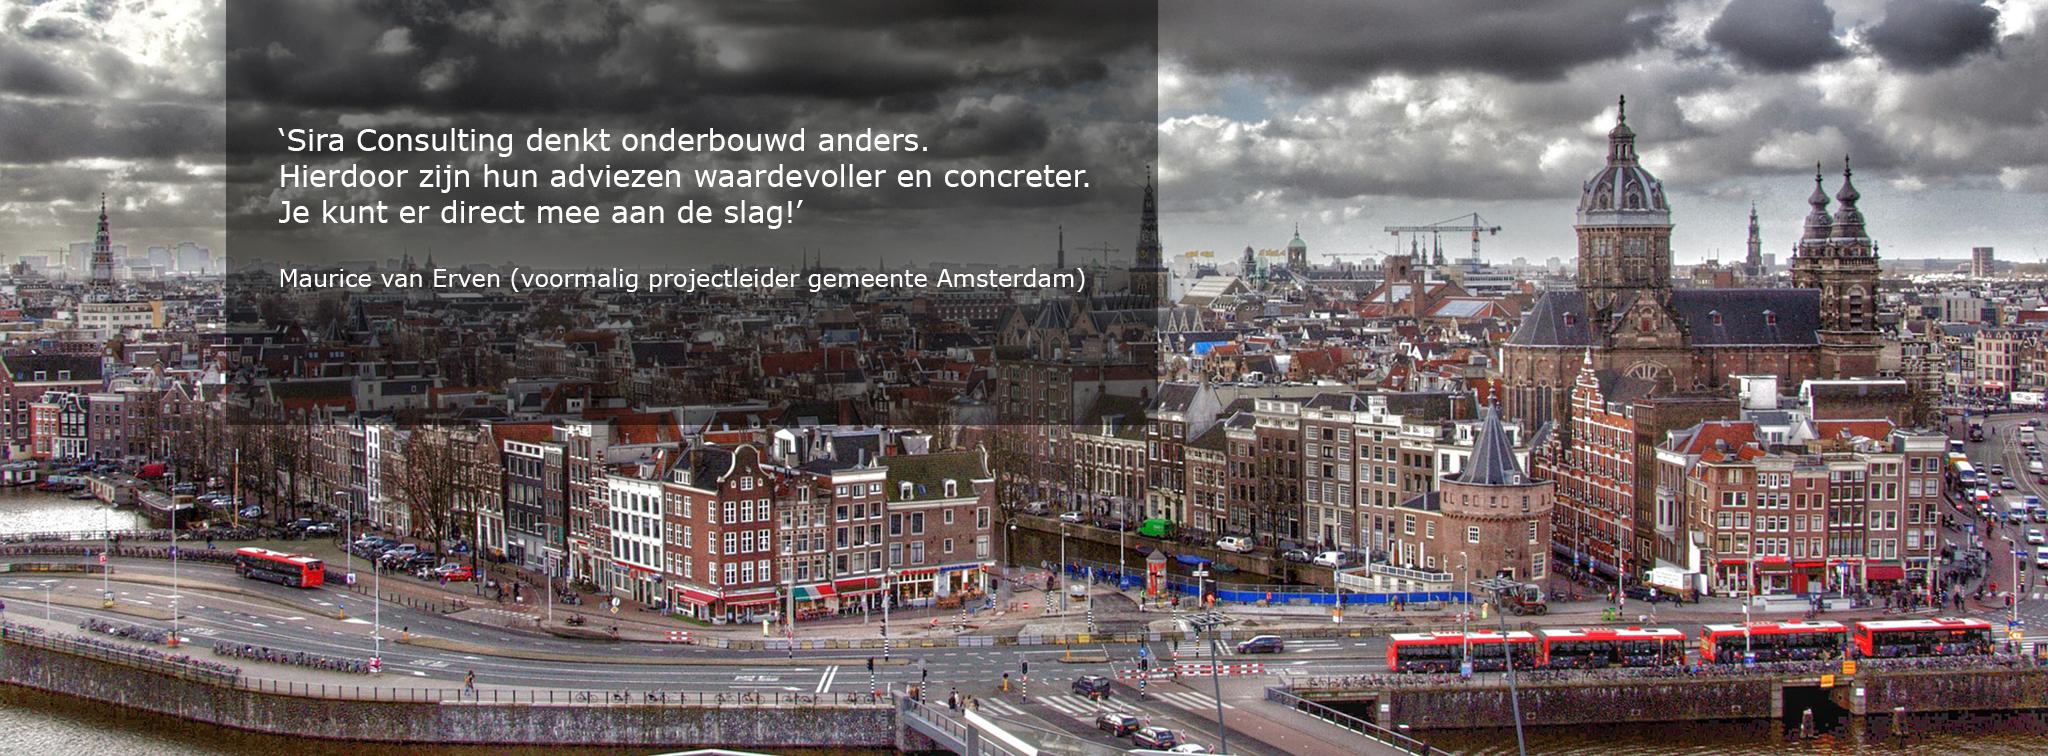 Quote-Maurice-van-Erven-kort